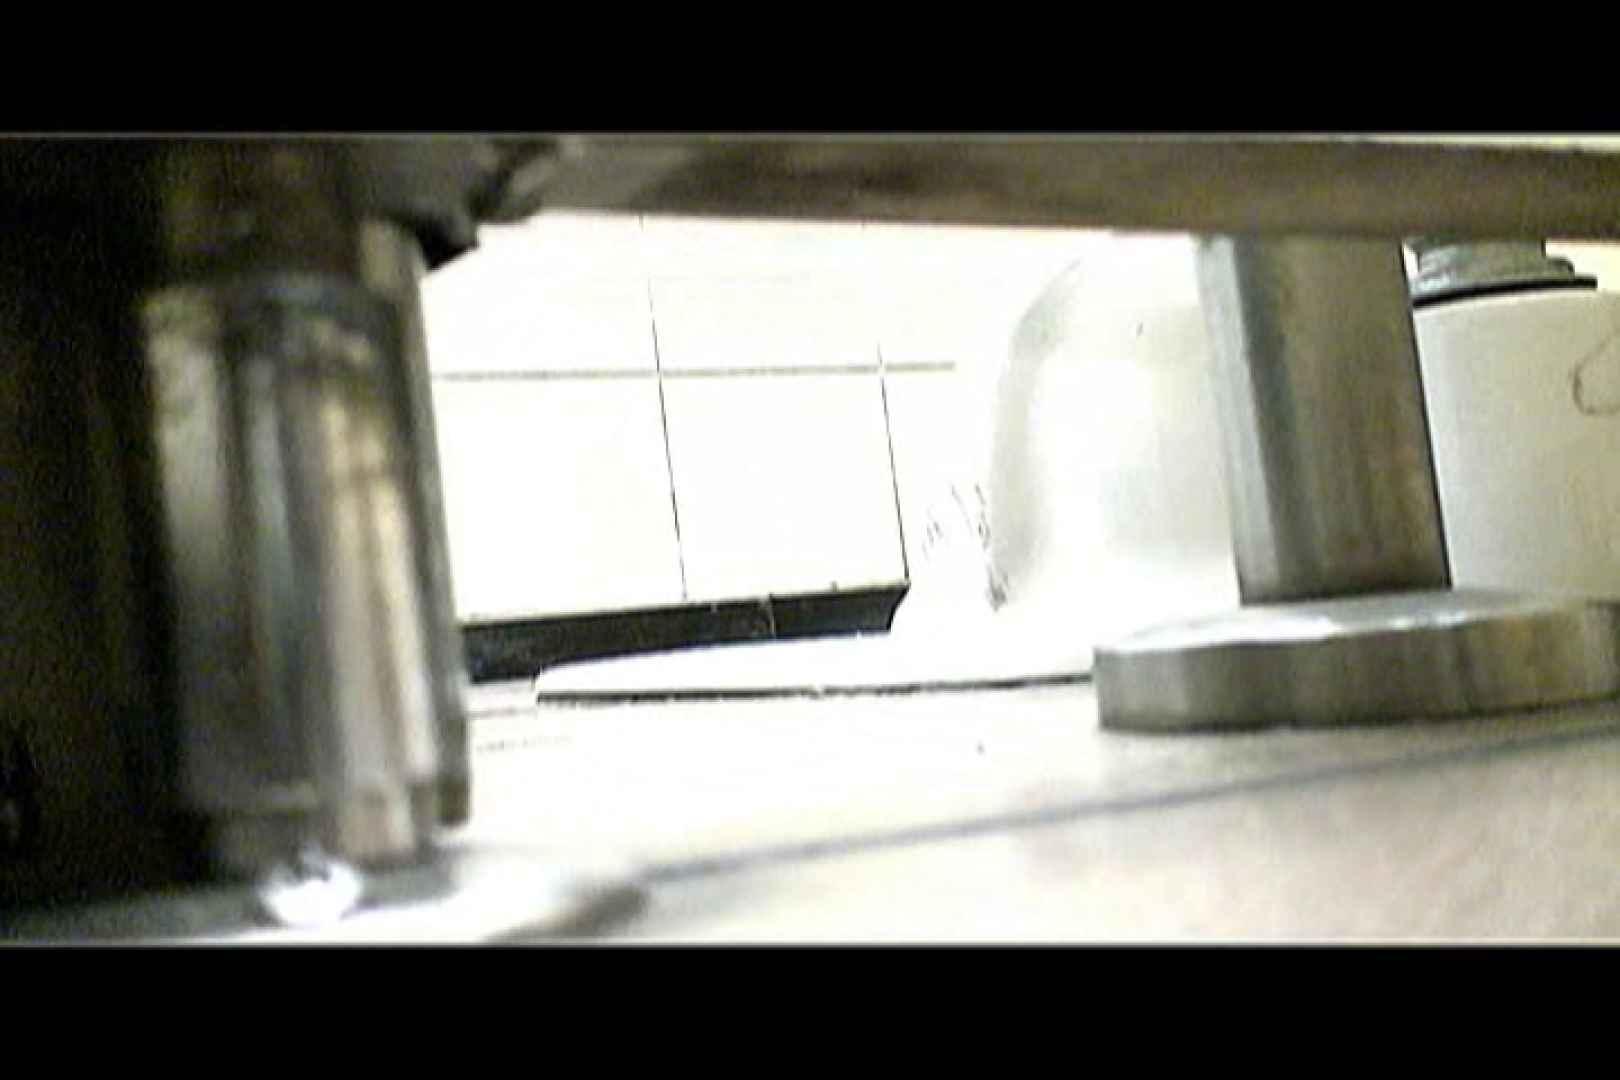 マンコ丸見え女子洗面所Vol.7 排泄隠し撮り オマンコ動画キャプチャ 105pic 39